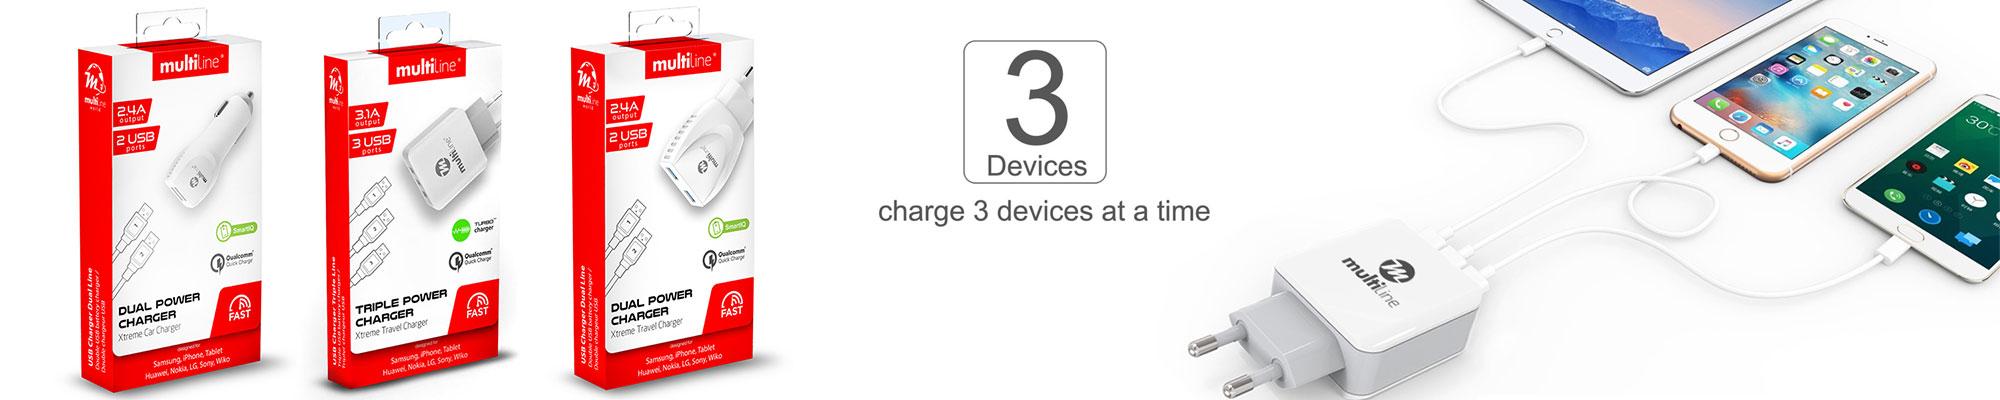 Multiline Power Chargers 3 in 1 beschikbaar voor iOS en Android